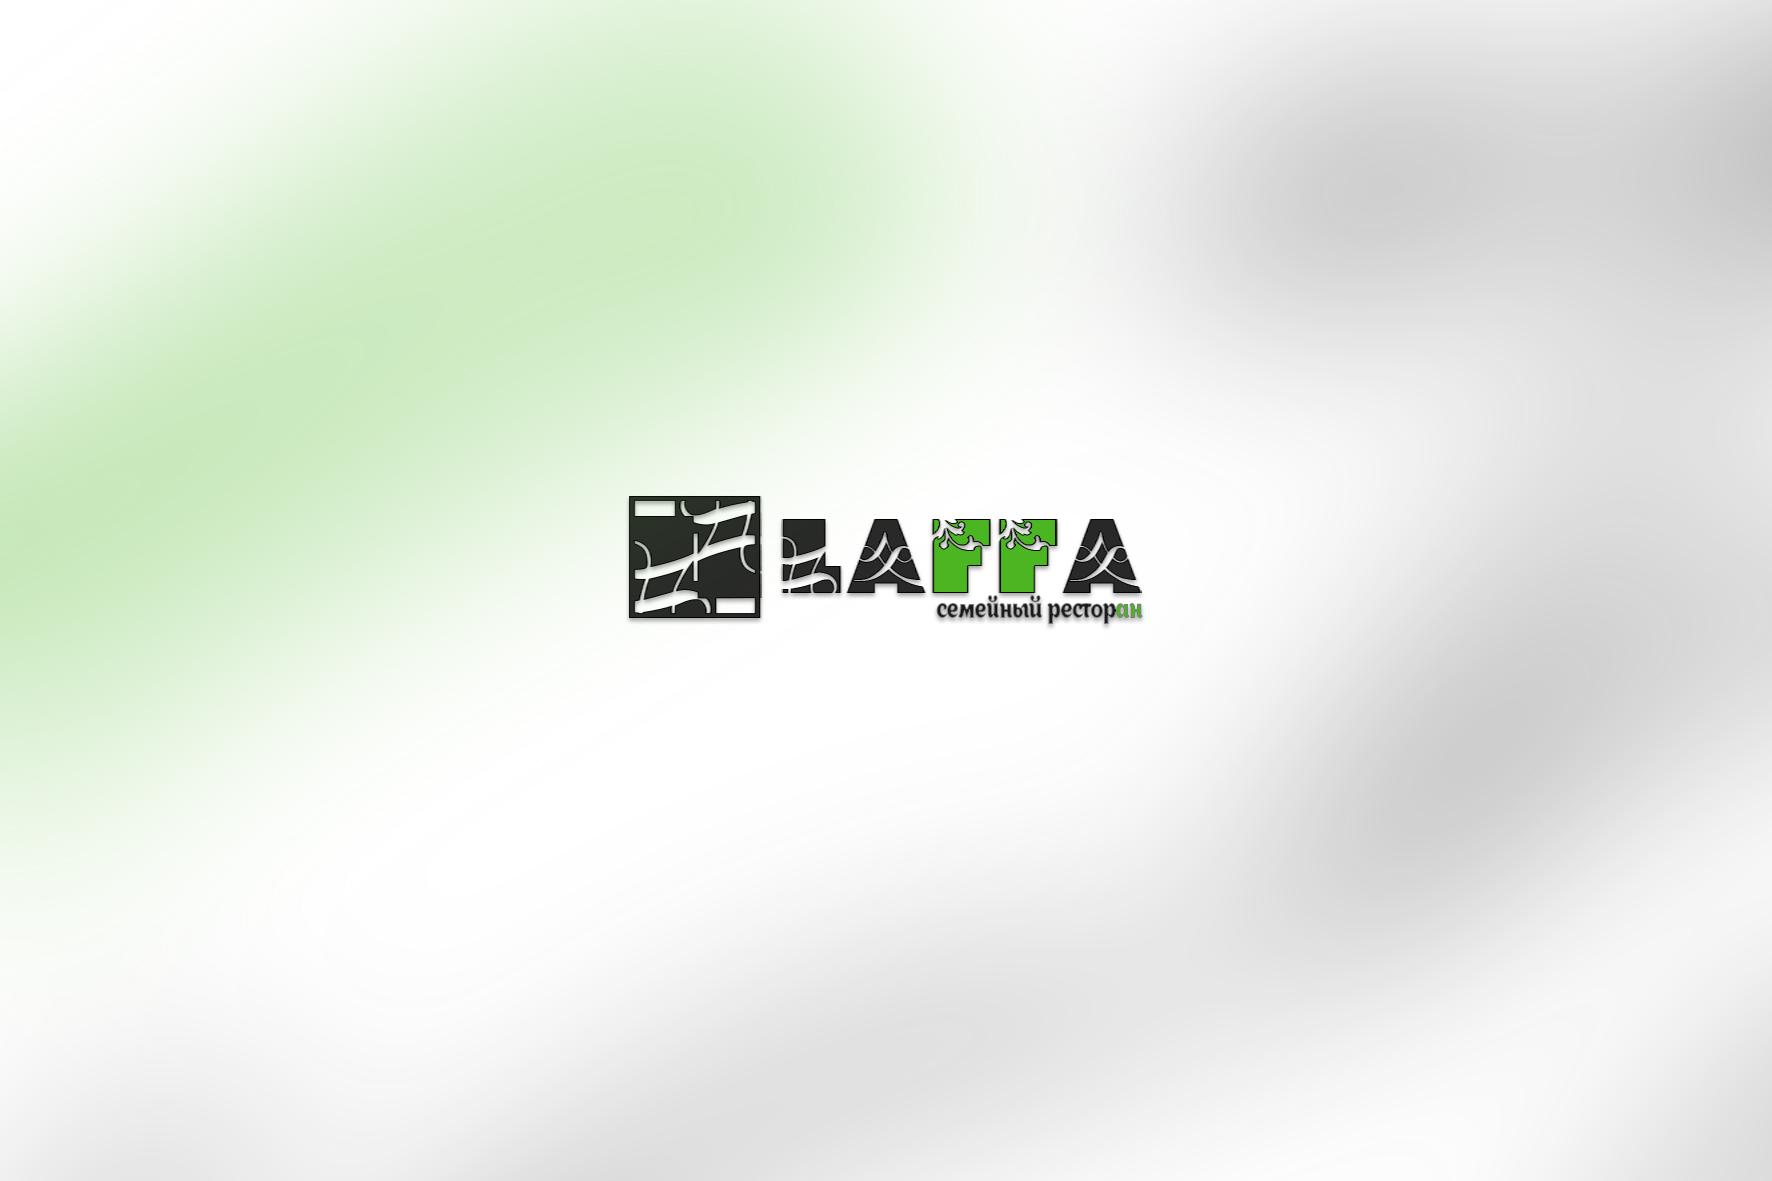 Нужно нарисовать логотип для семейного итальянского ресторан фото f_923554a897e69565.jpg